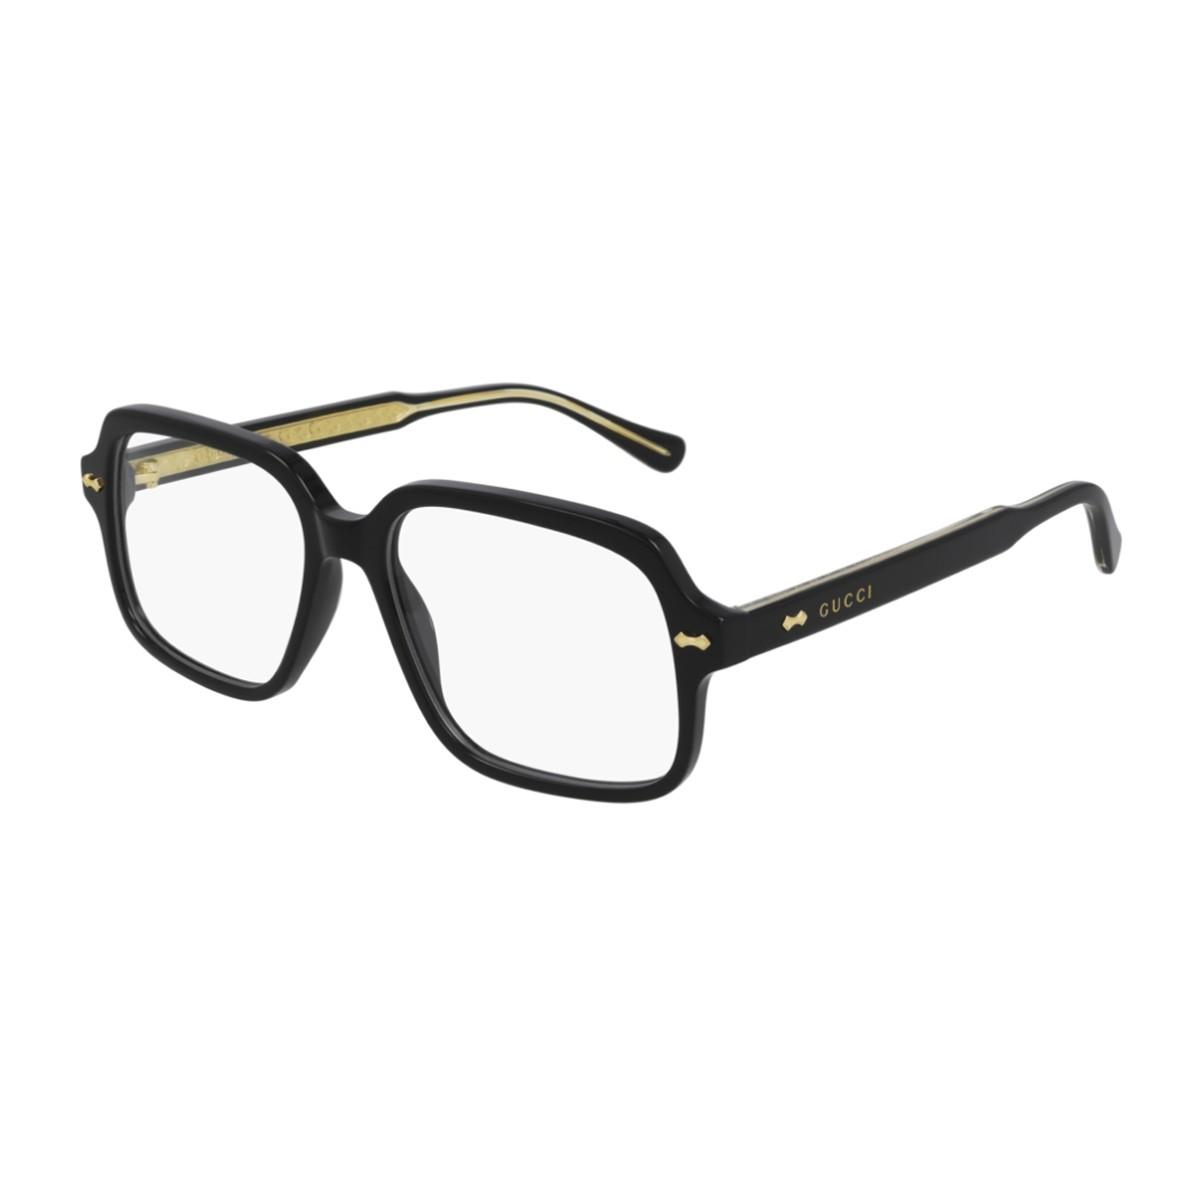 Gucci GG0913O | Occhiali da vista Uomo